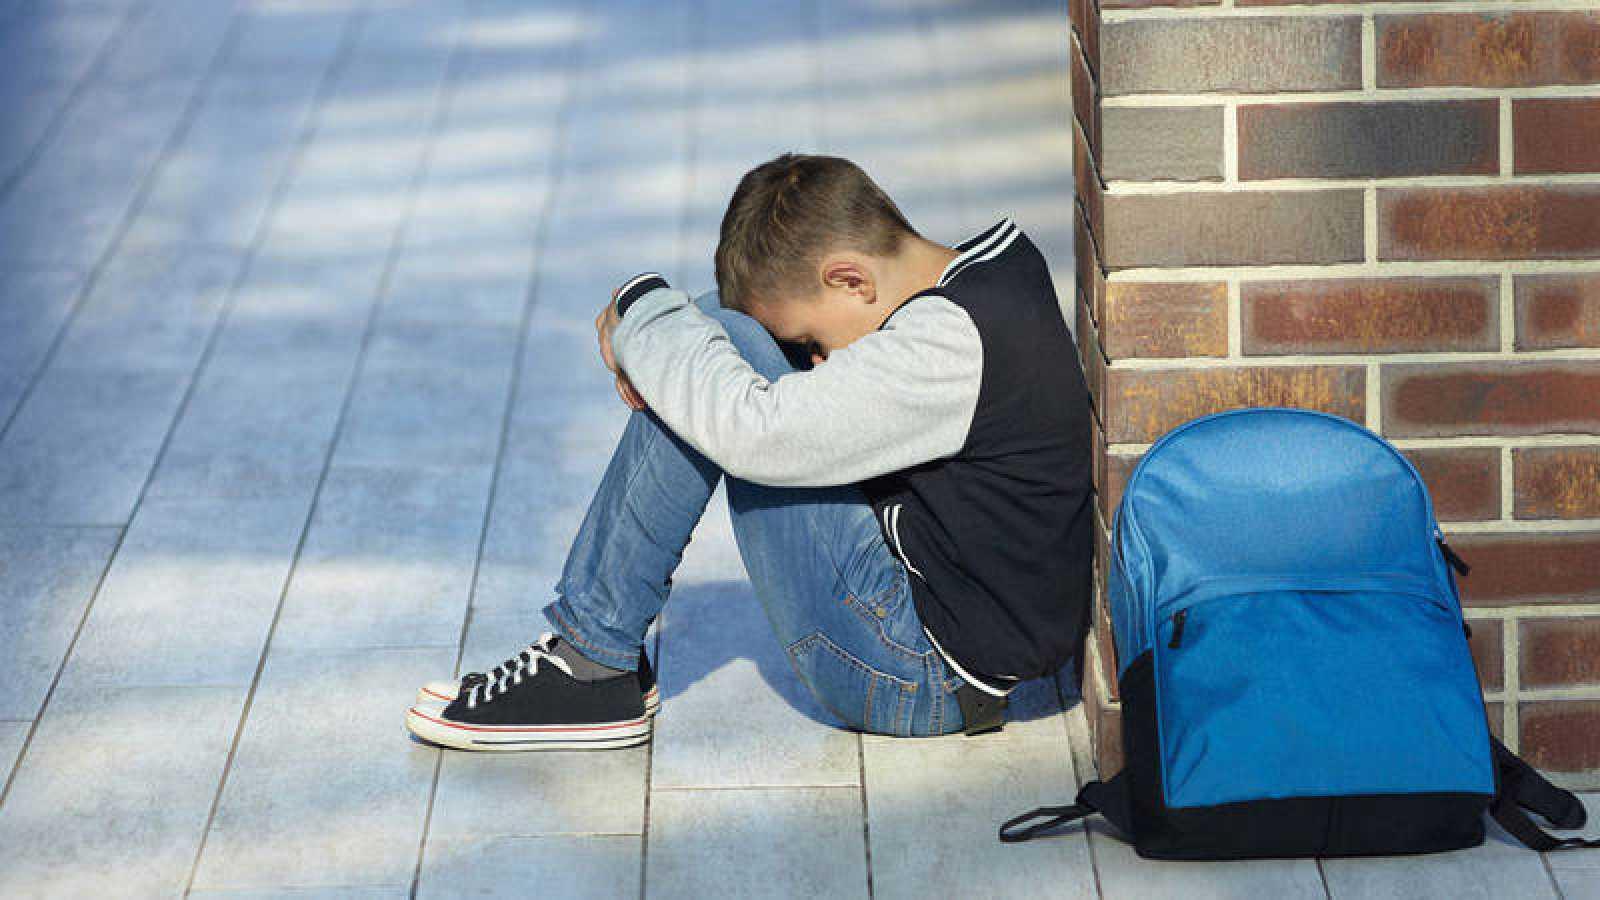 El III estudio sobre acoso escolar y ciberbullying según los afectados, referido a 2017, ha sido elaborado por la Fundación ANAR y la Fundación Mutua Madrileña.